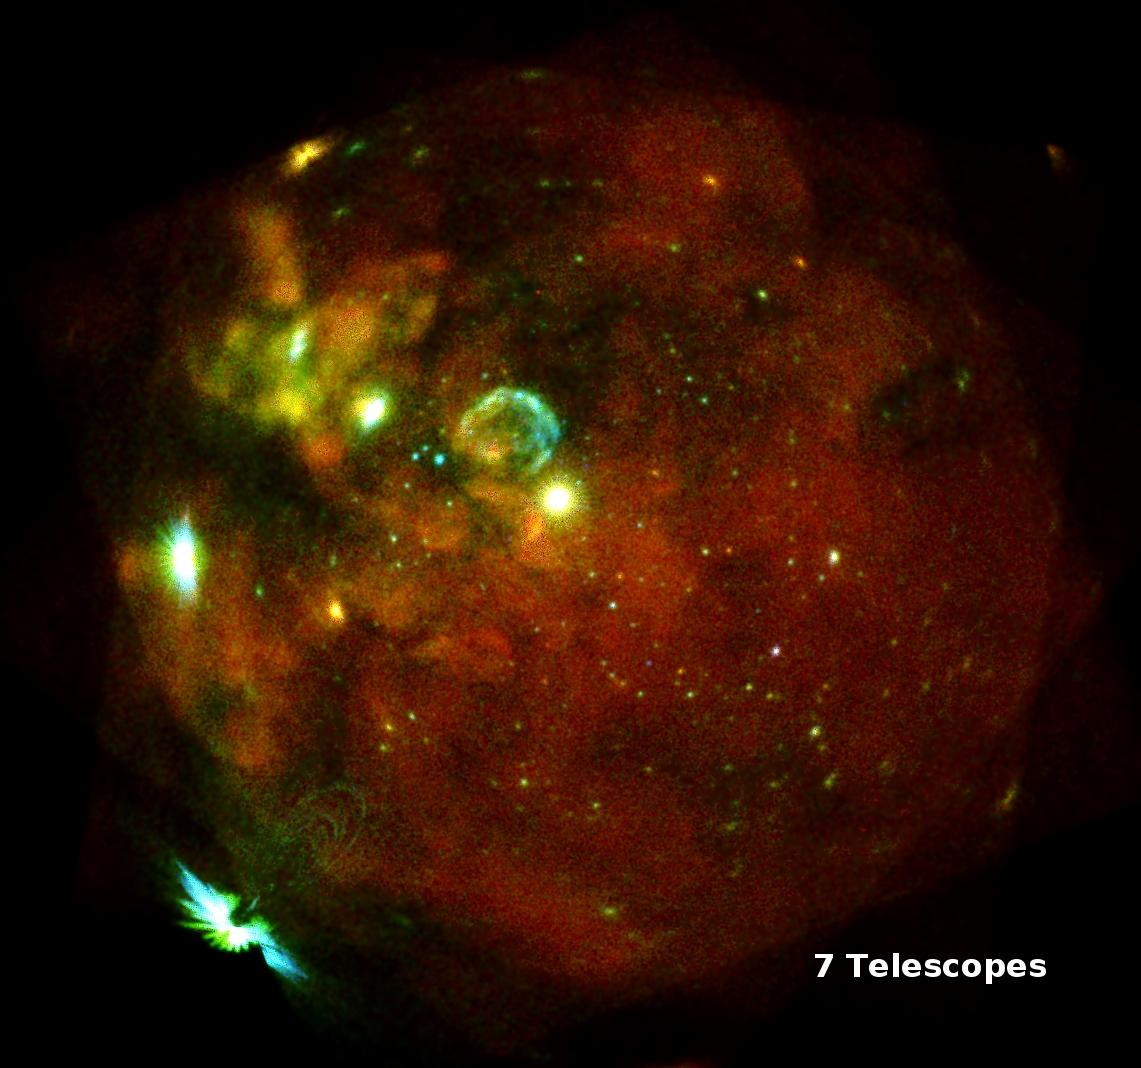 Die Große Magellansche Wolke (LMC), beobachtet in mehreren Einzelaufnahmen mit allen sieben eROSITA-Teleskopmodulen